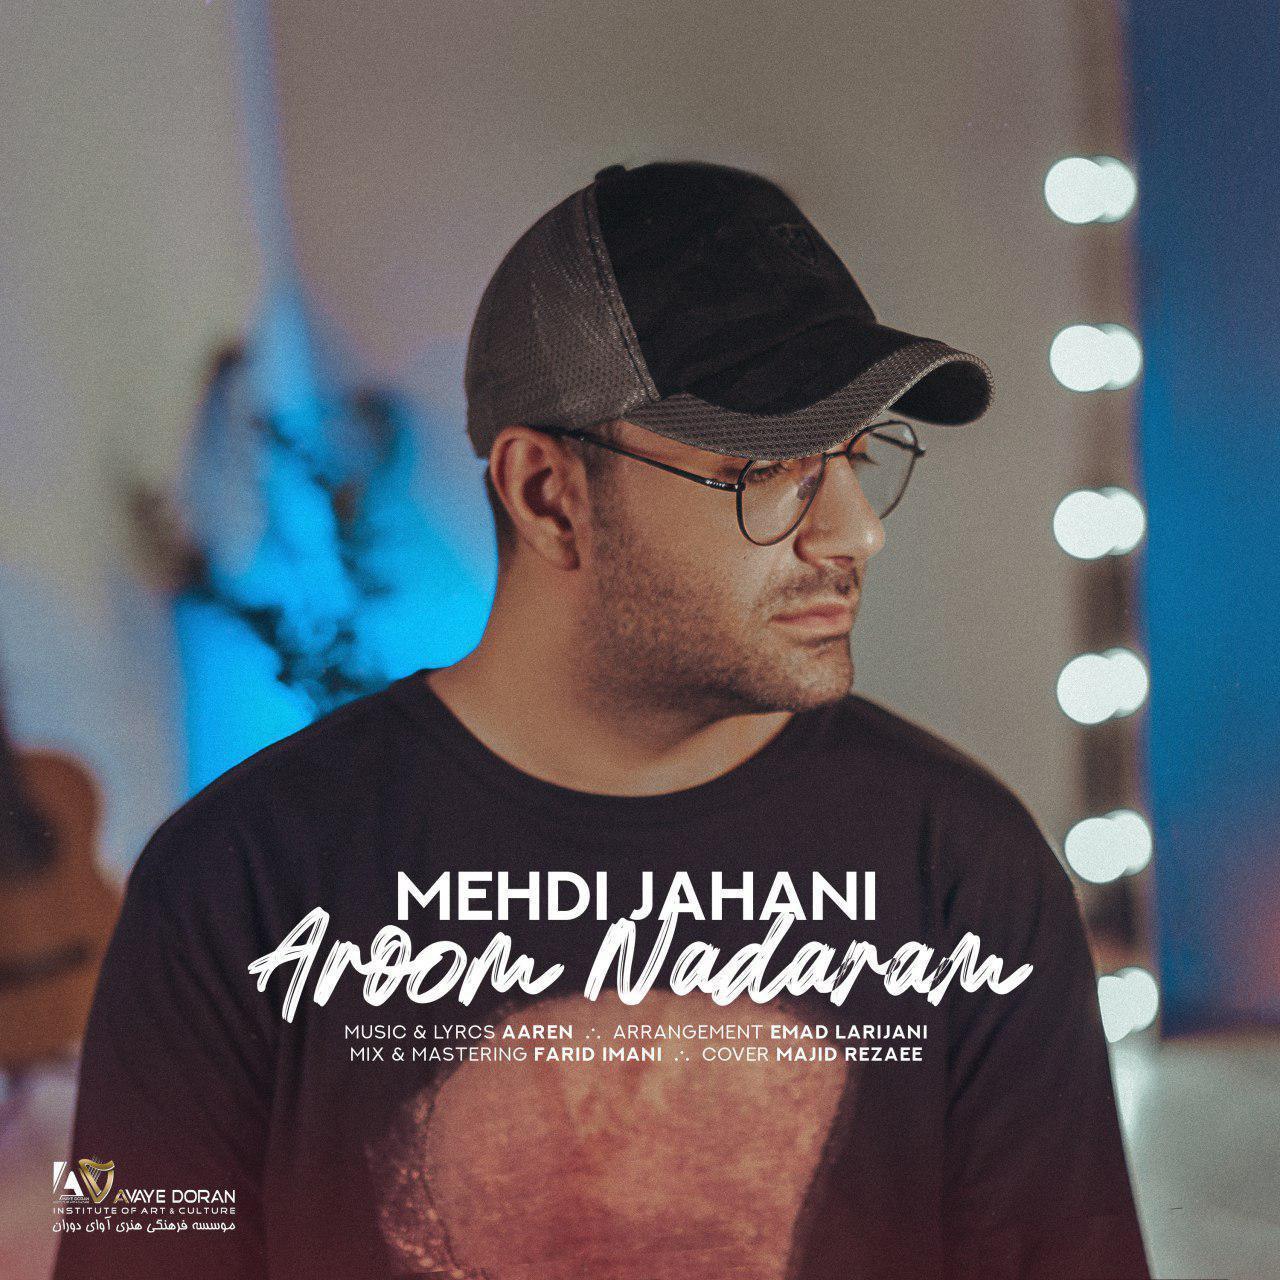 Mehdi Jahani – Aroom Nadaram